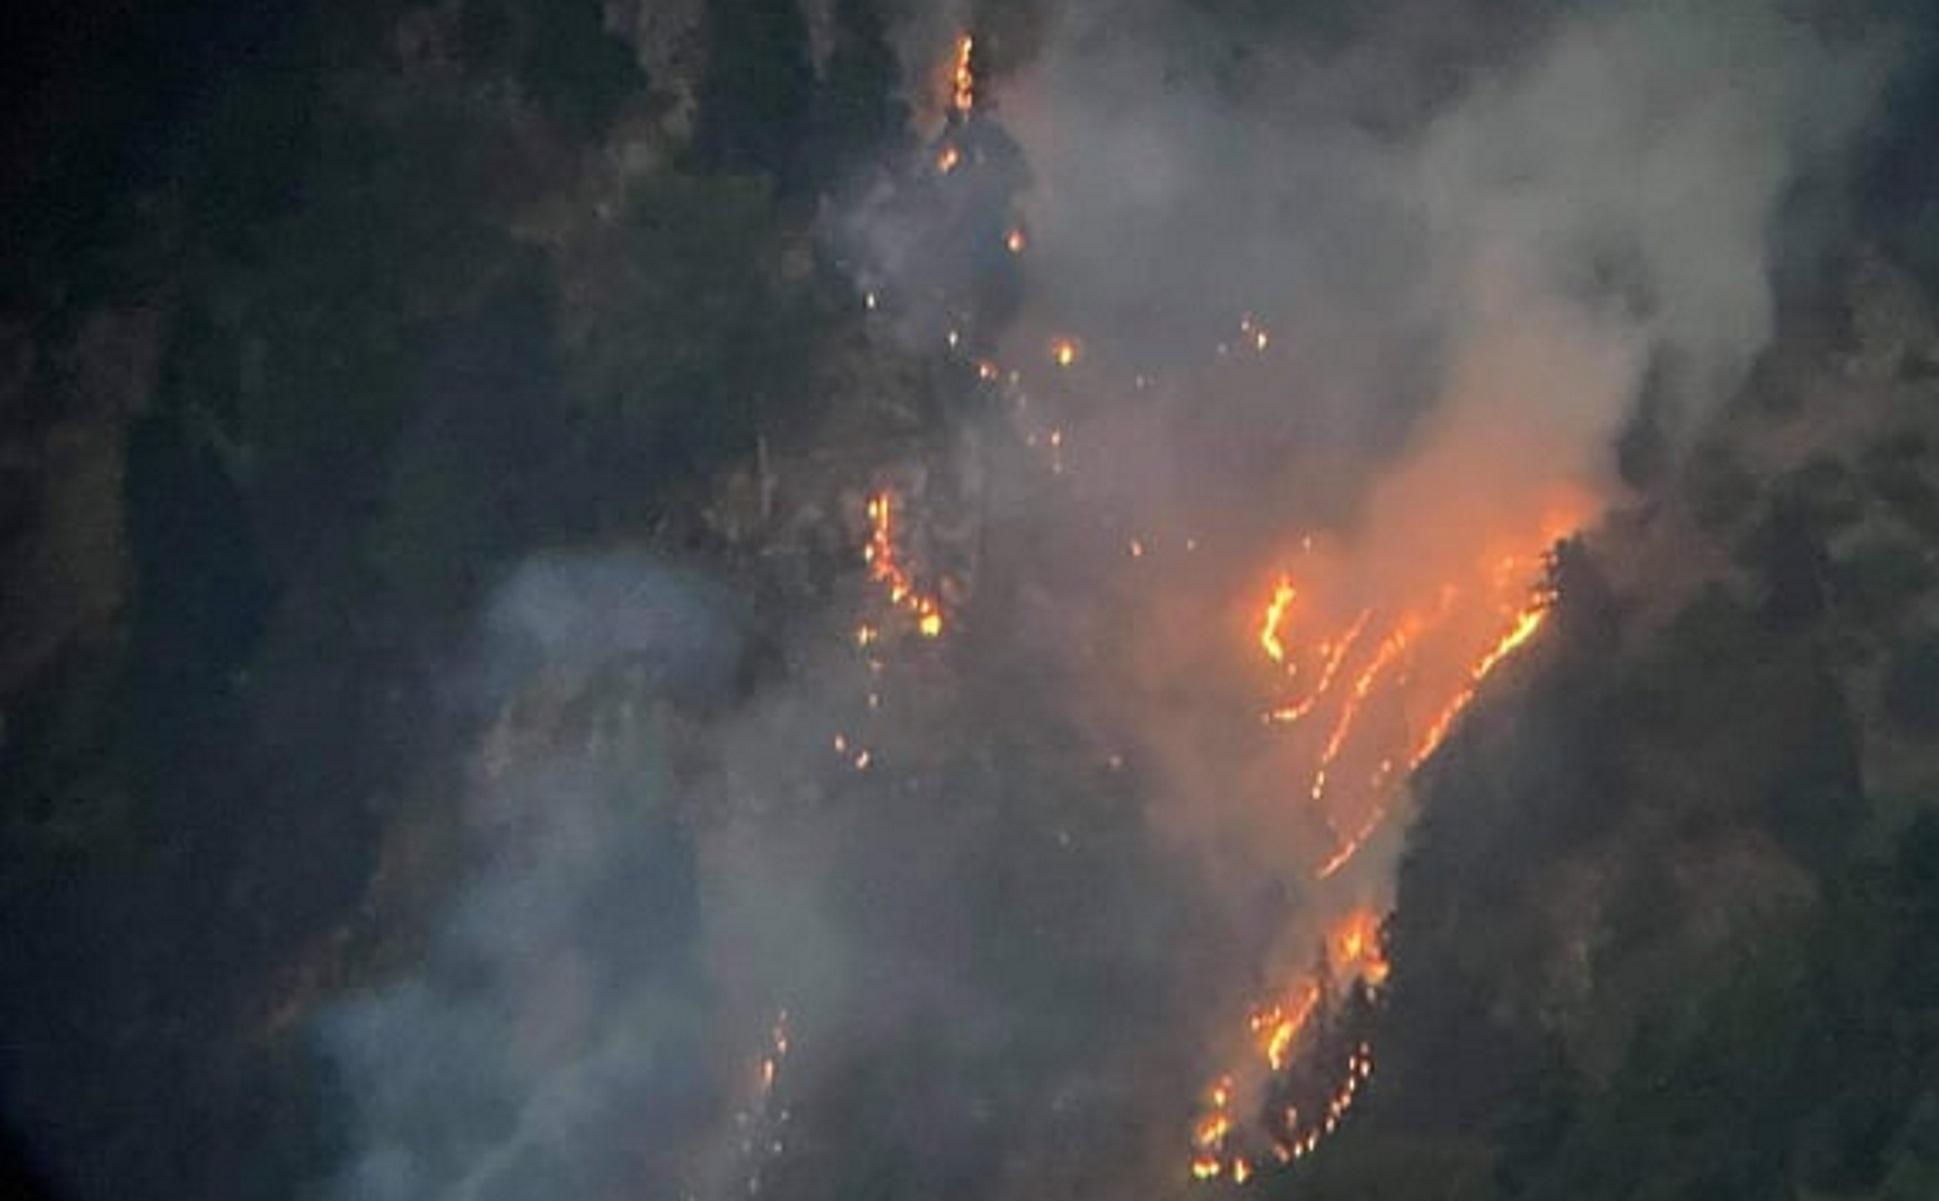 Φωτιά στα Στουρναρέικα Τρικάλων: Επικίνδυνη αναζωπύρωση πάνω από τα σπίτια